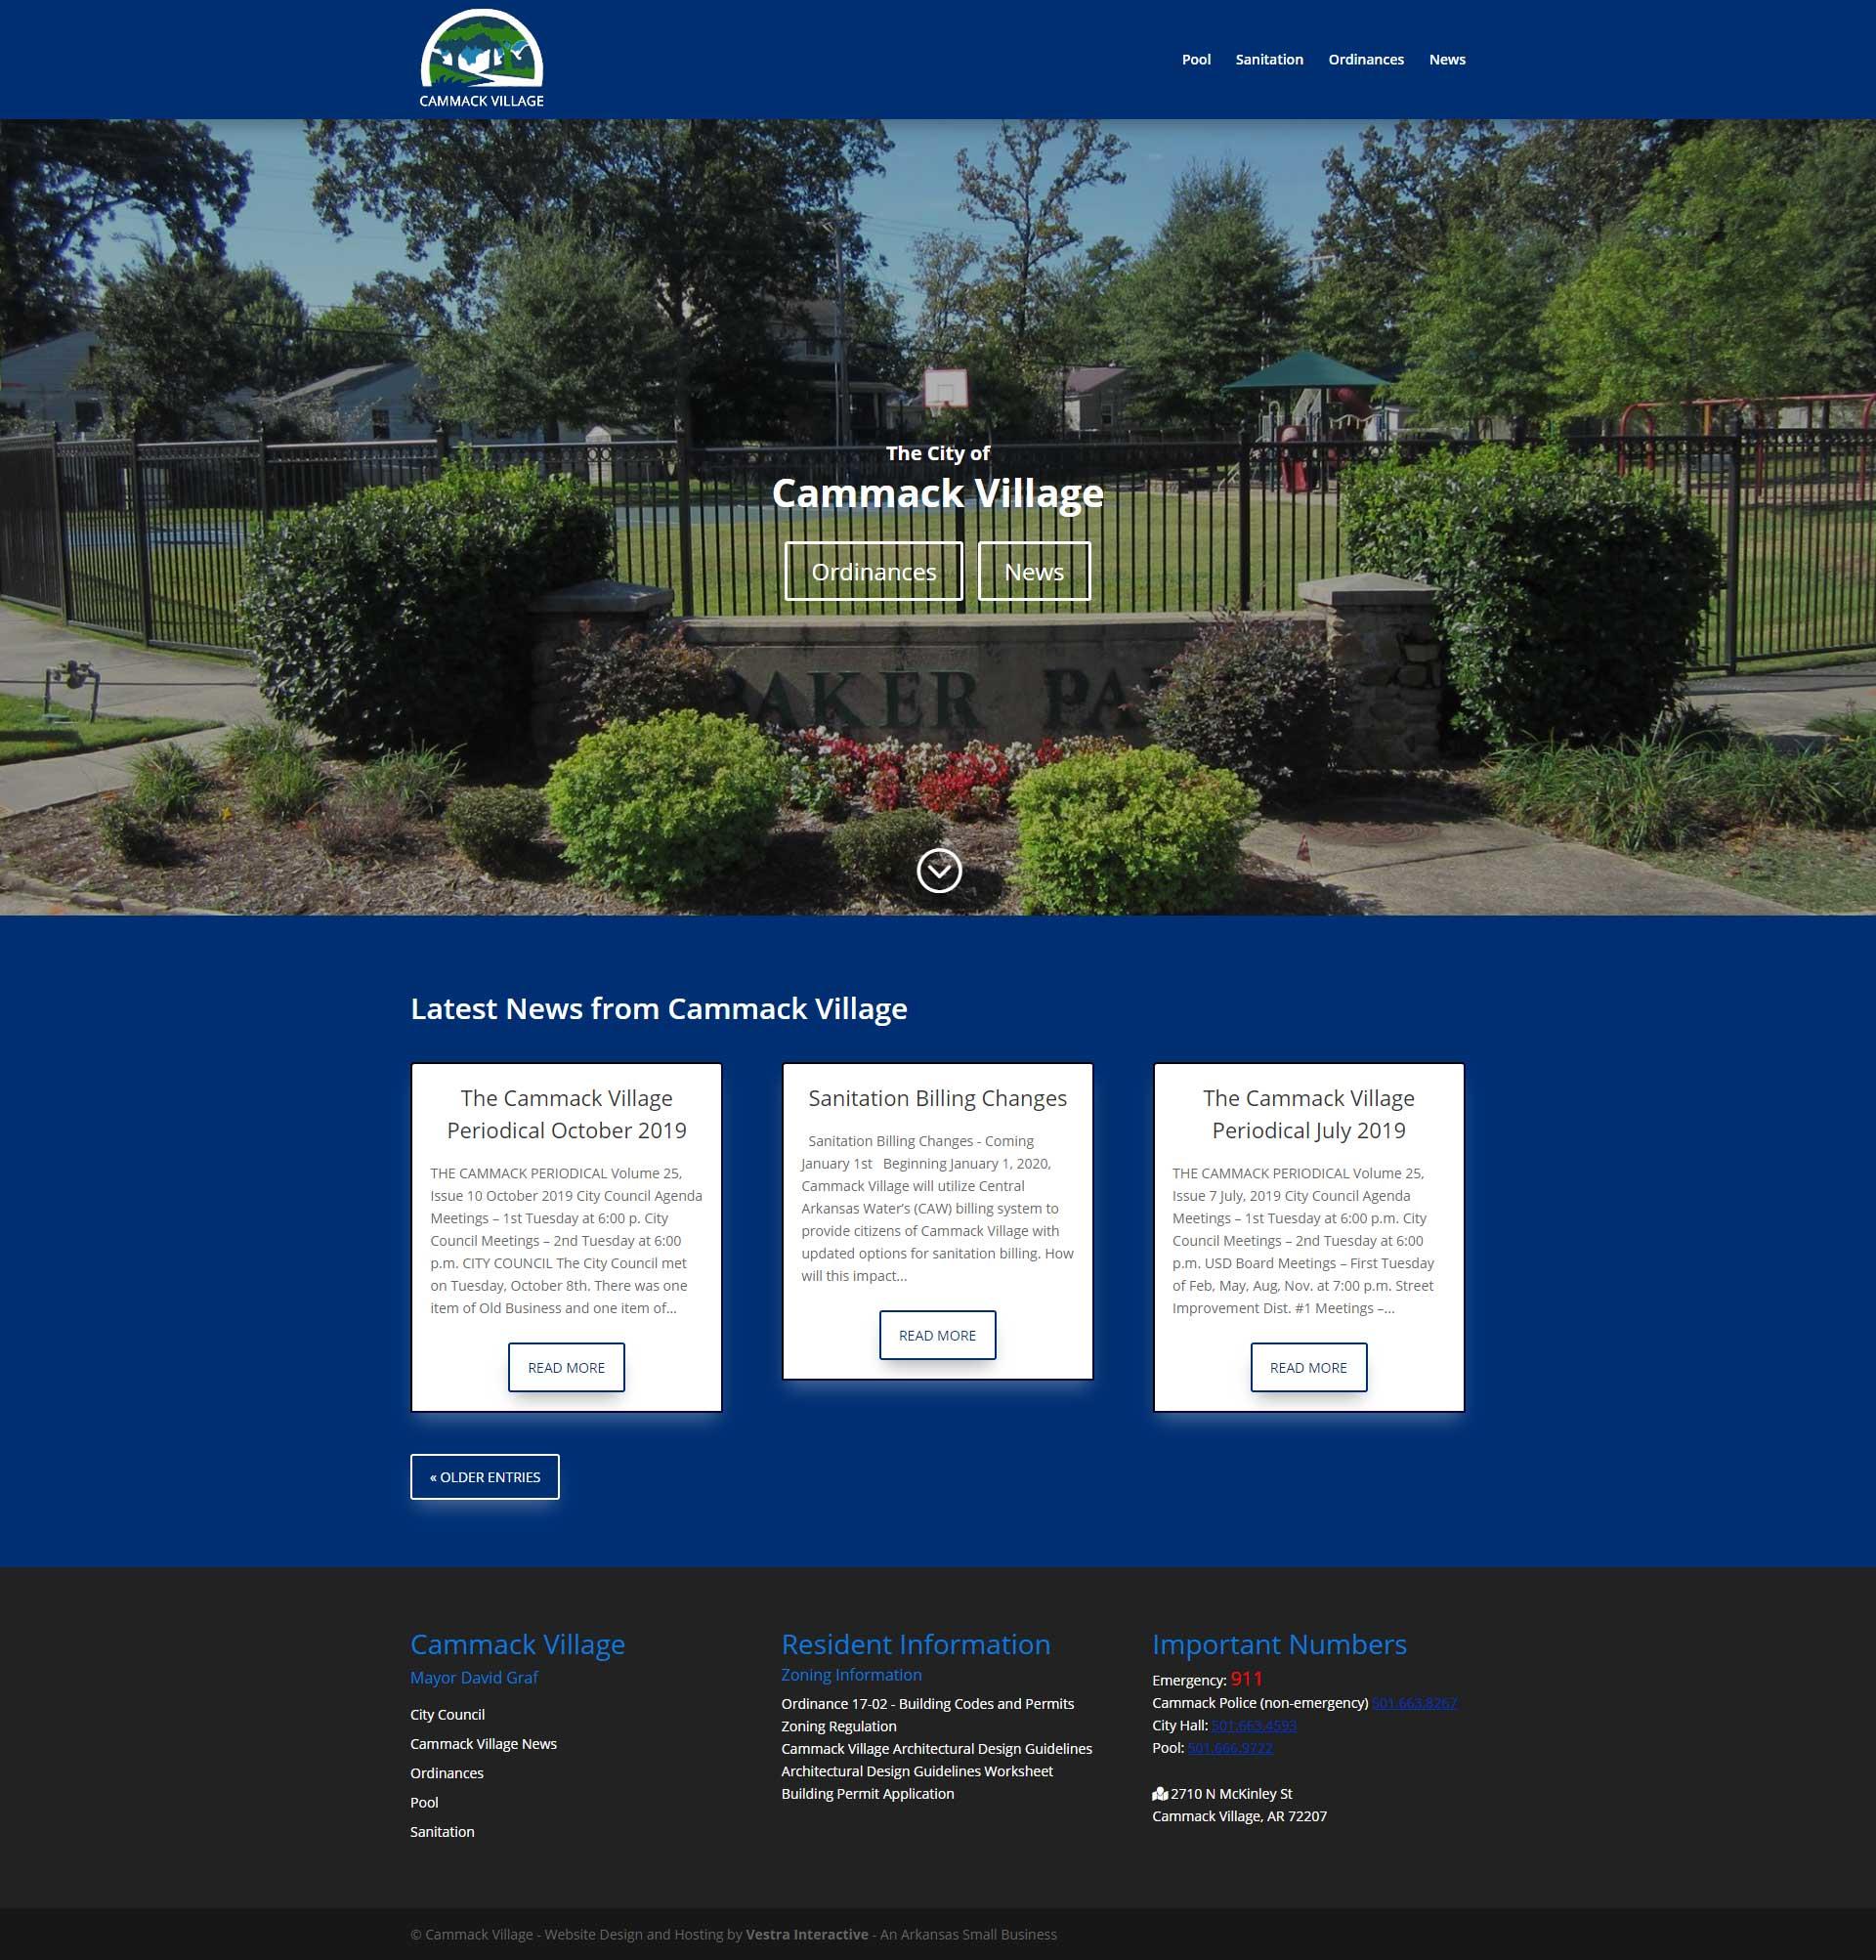 Cammack Village Website Gets a Facelift 1